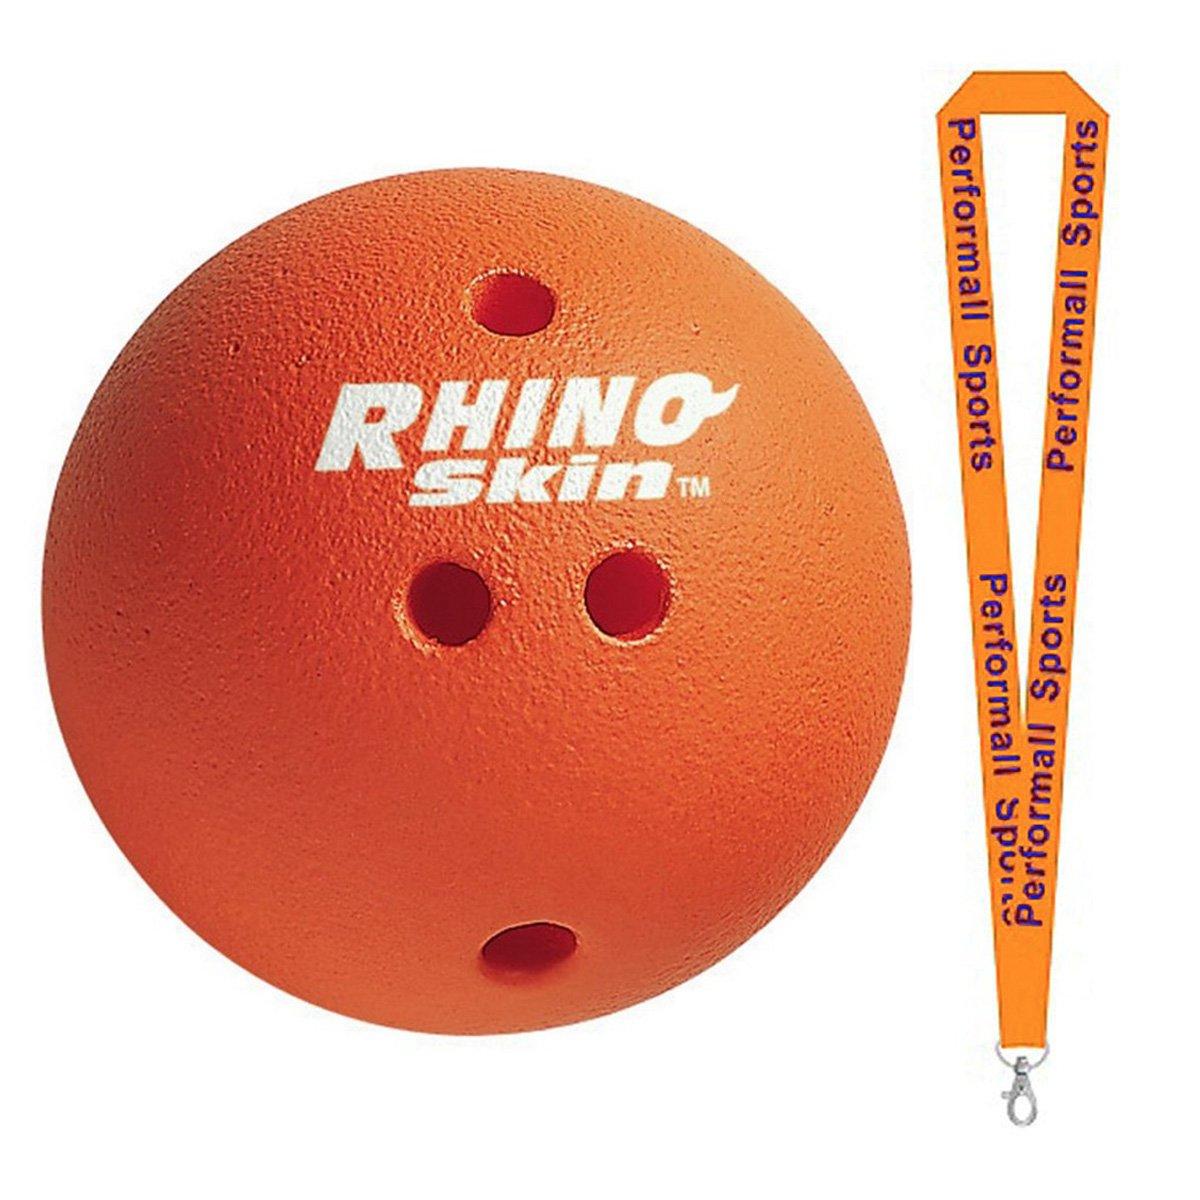 当店だけの限定モデル ChampionスポーツRhinoスキン1.5 LBボーリングボールレッドwith 1 performall Lanyard rsbx-1p   B01FSZ6XIO, 風船唐綿 e7b34d3d